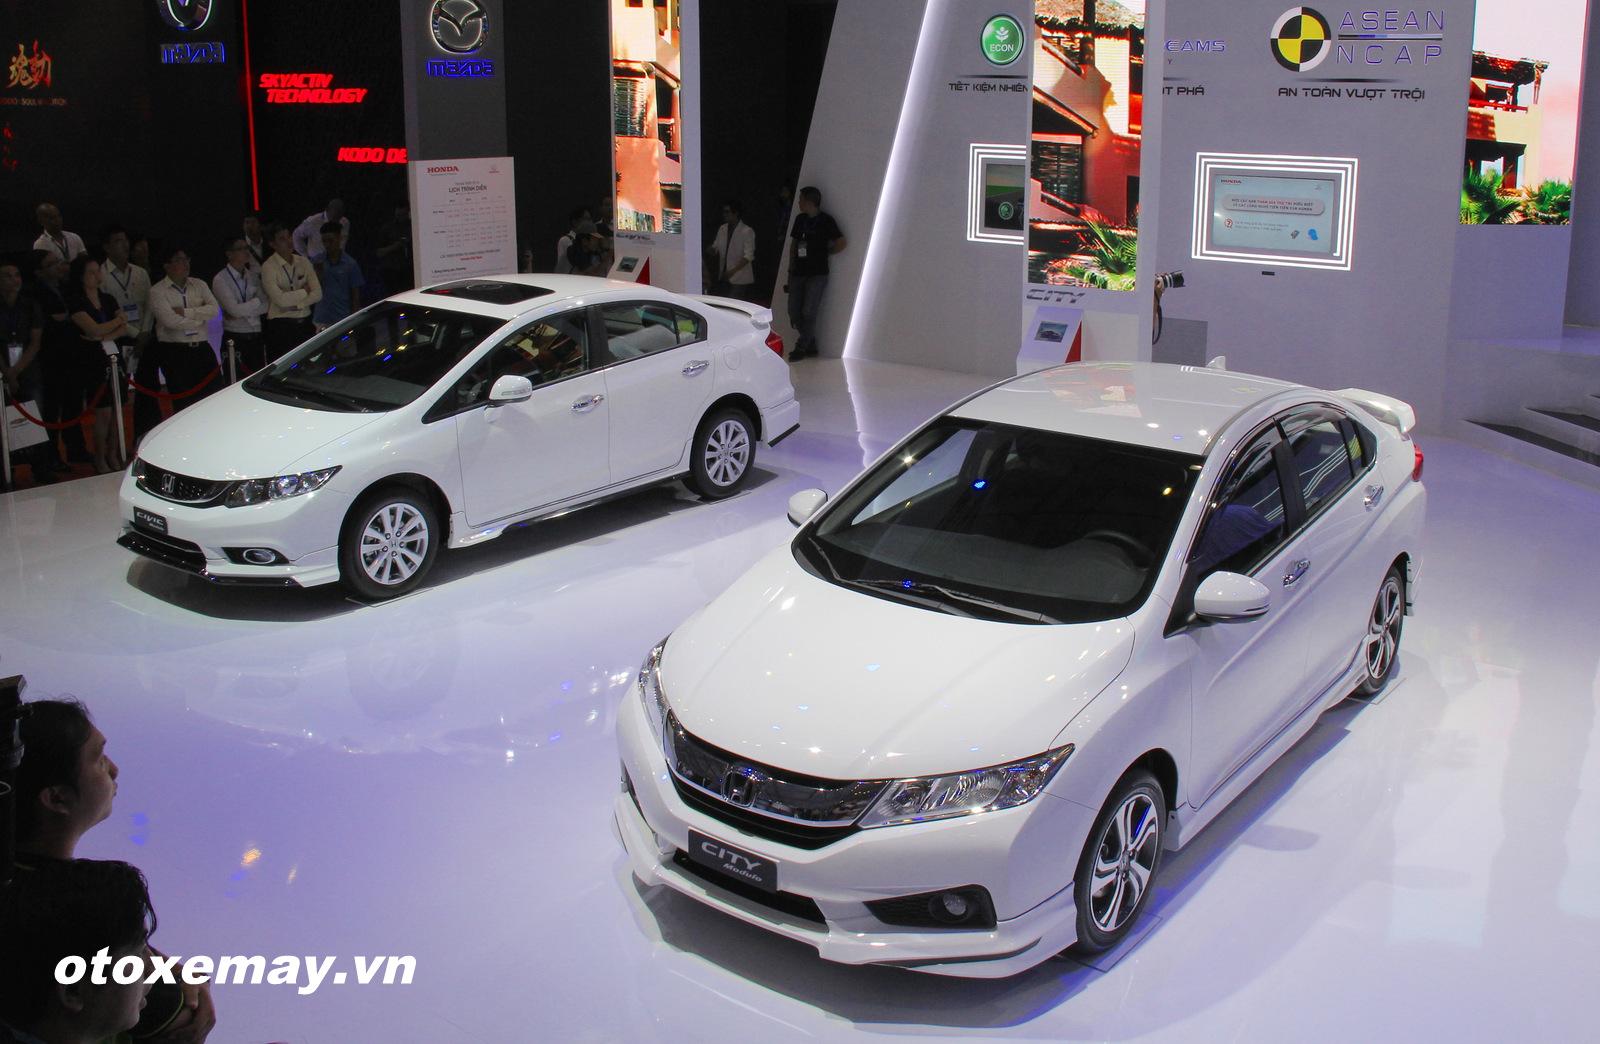 Xe Honda triển lãm ô tô việt nam 2015 (VMS 2015 ) ảnh 4